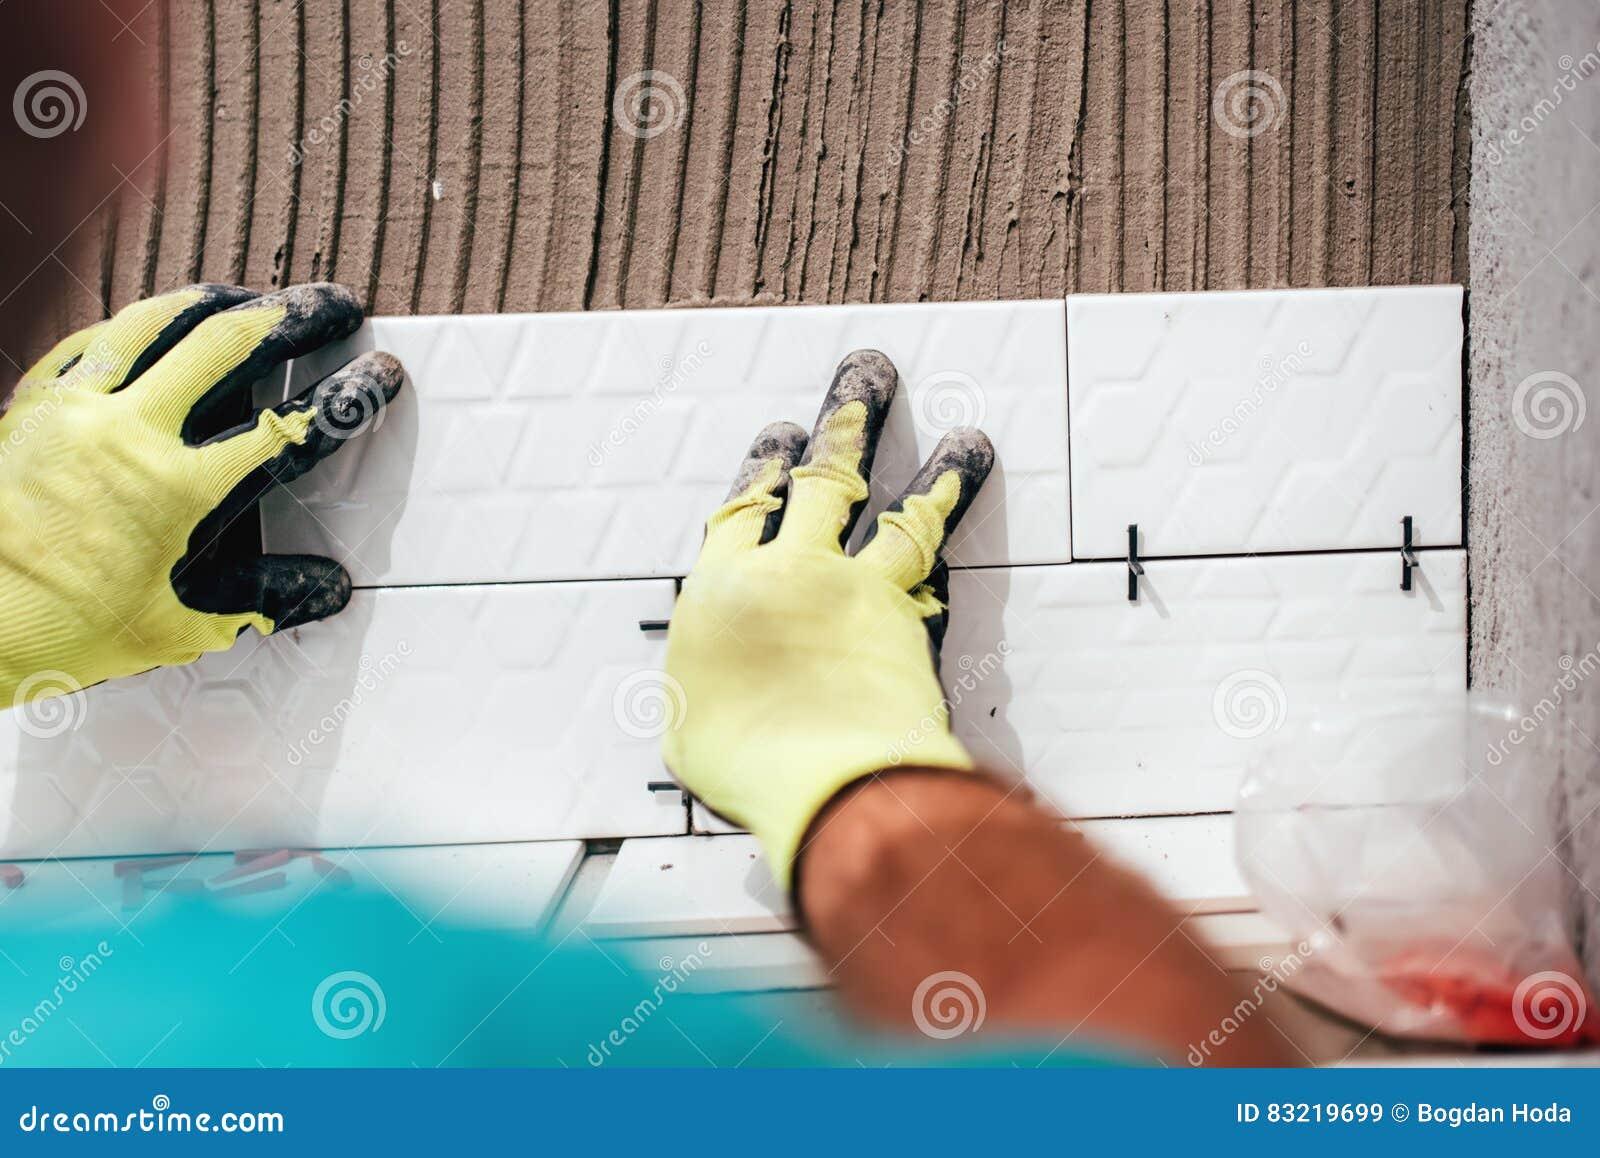 Renovation Close-up Details - Hands Of Worker Installing Ceramic ...